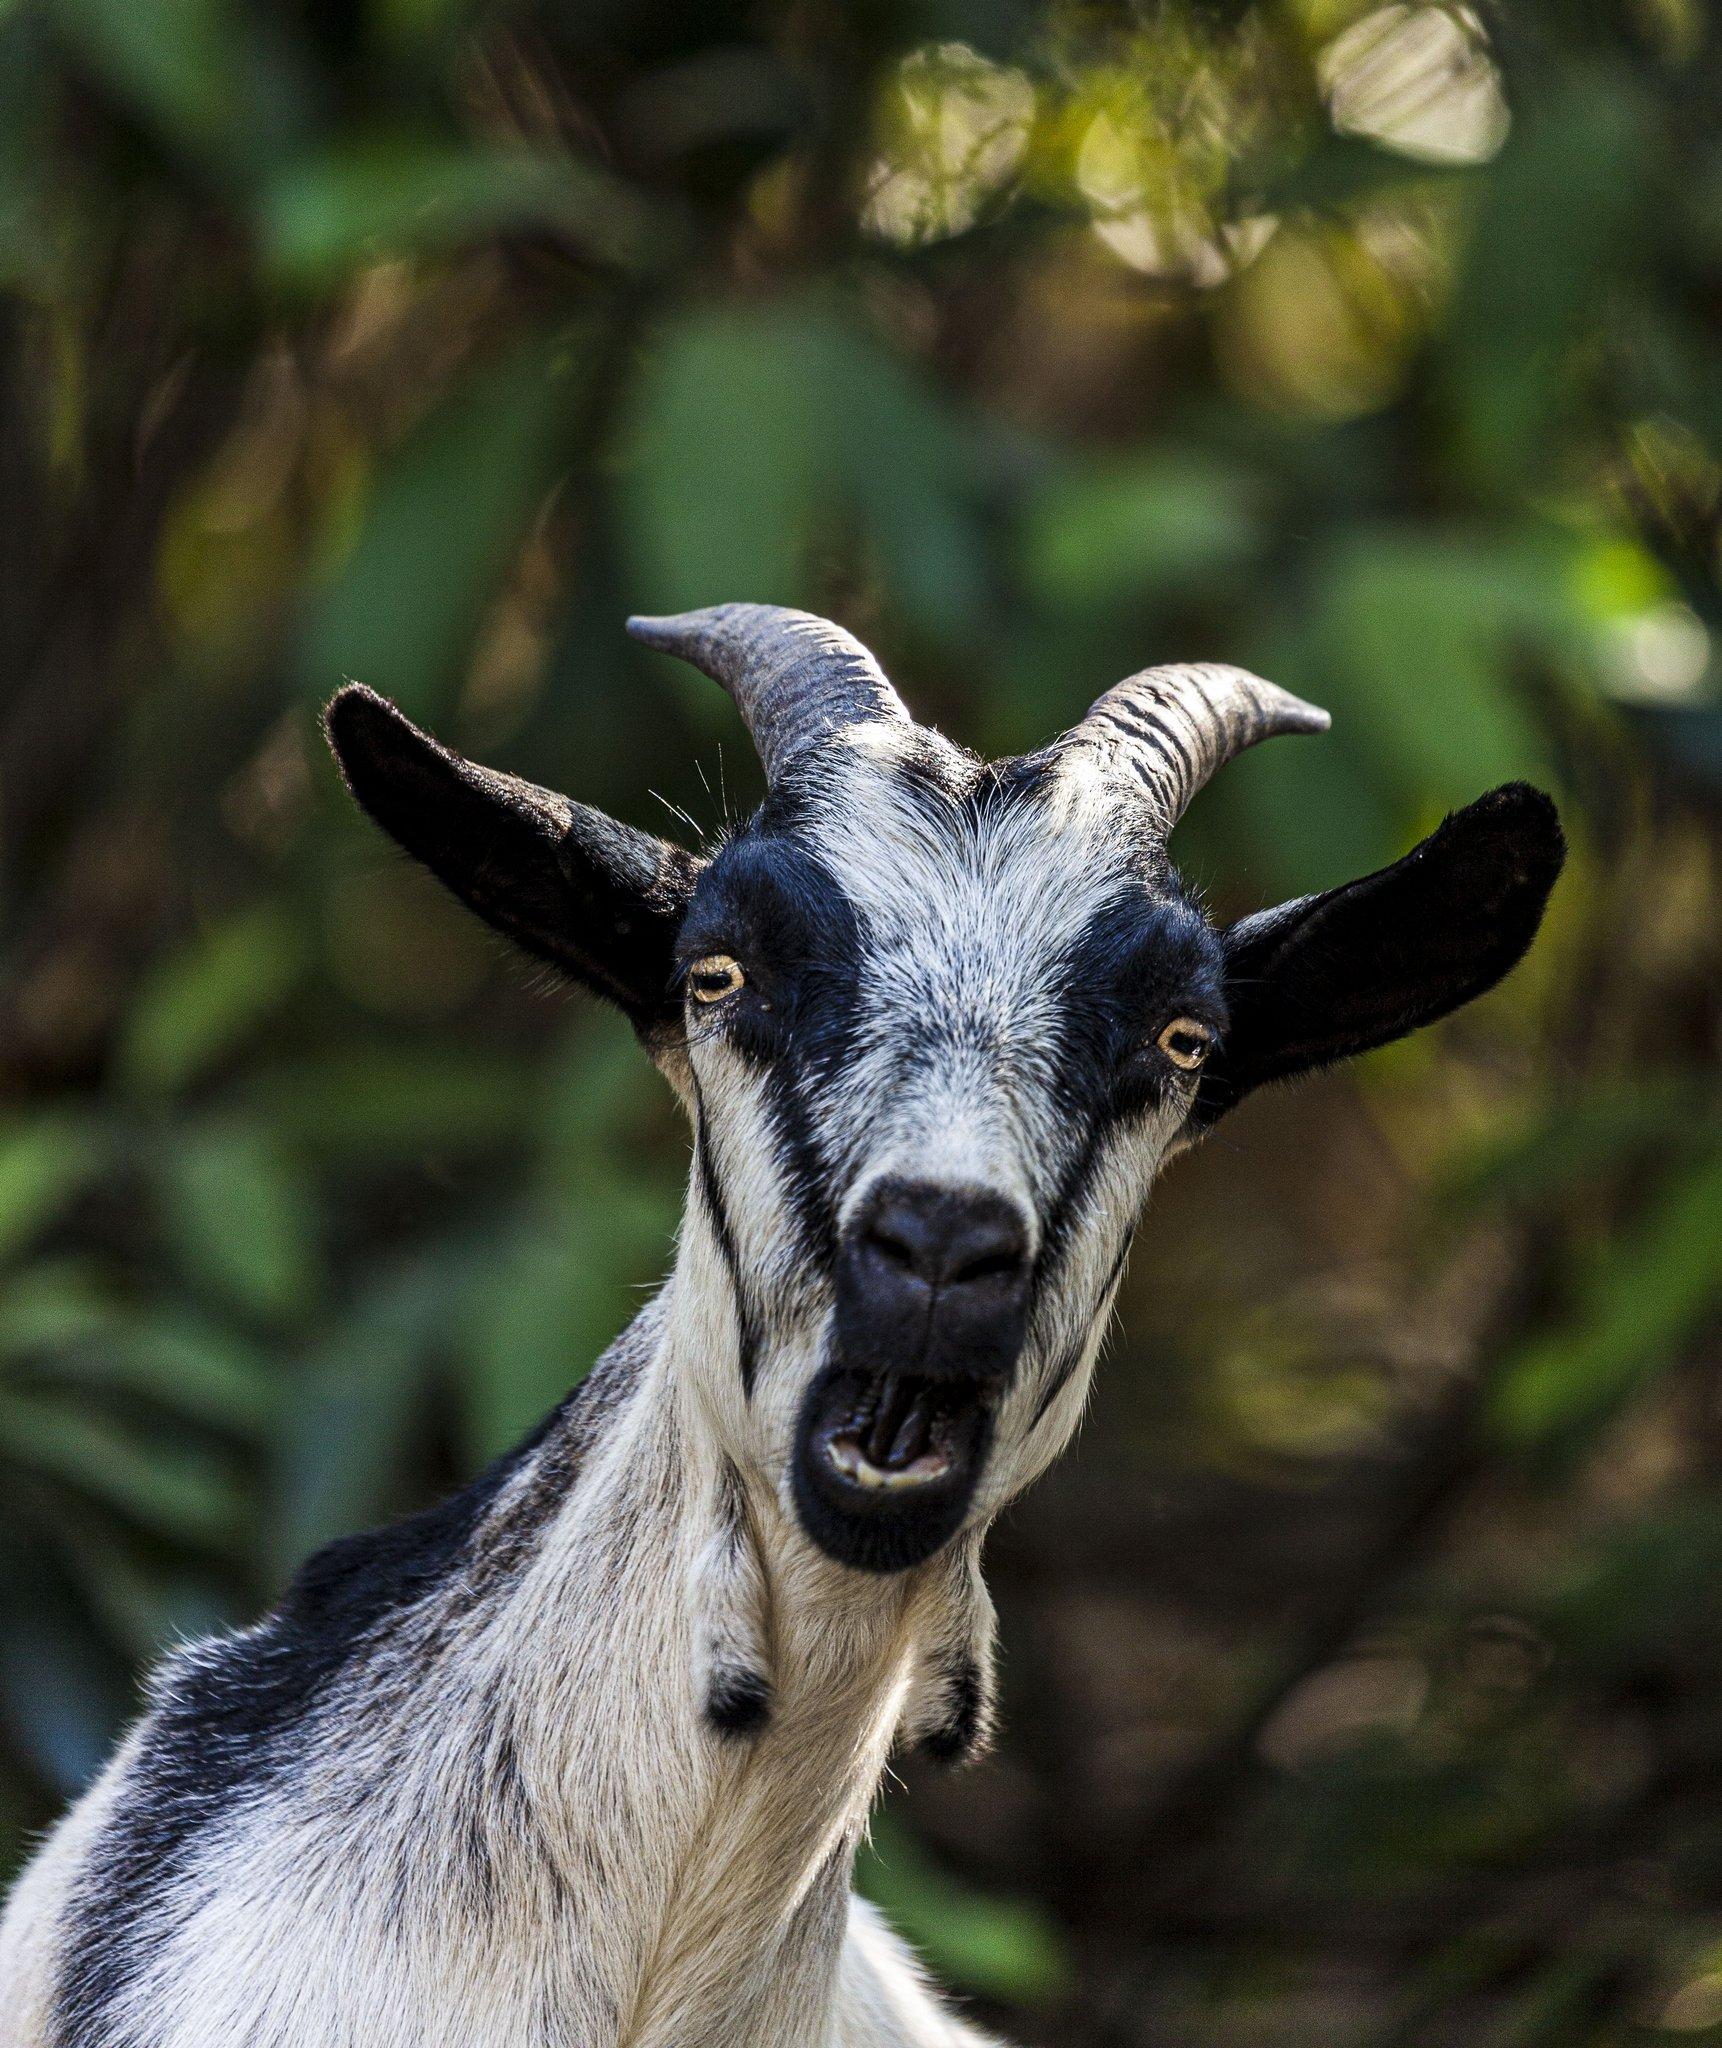 4. GoatieSmile